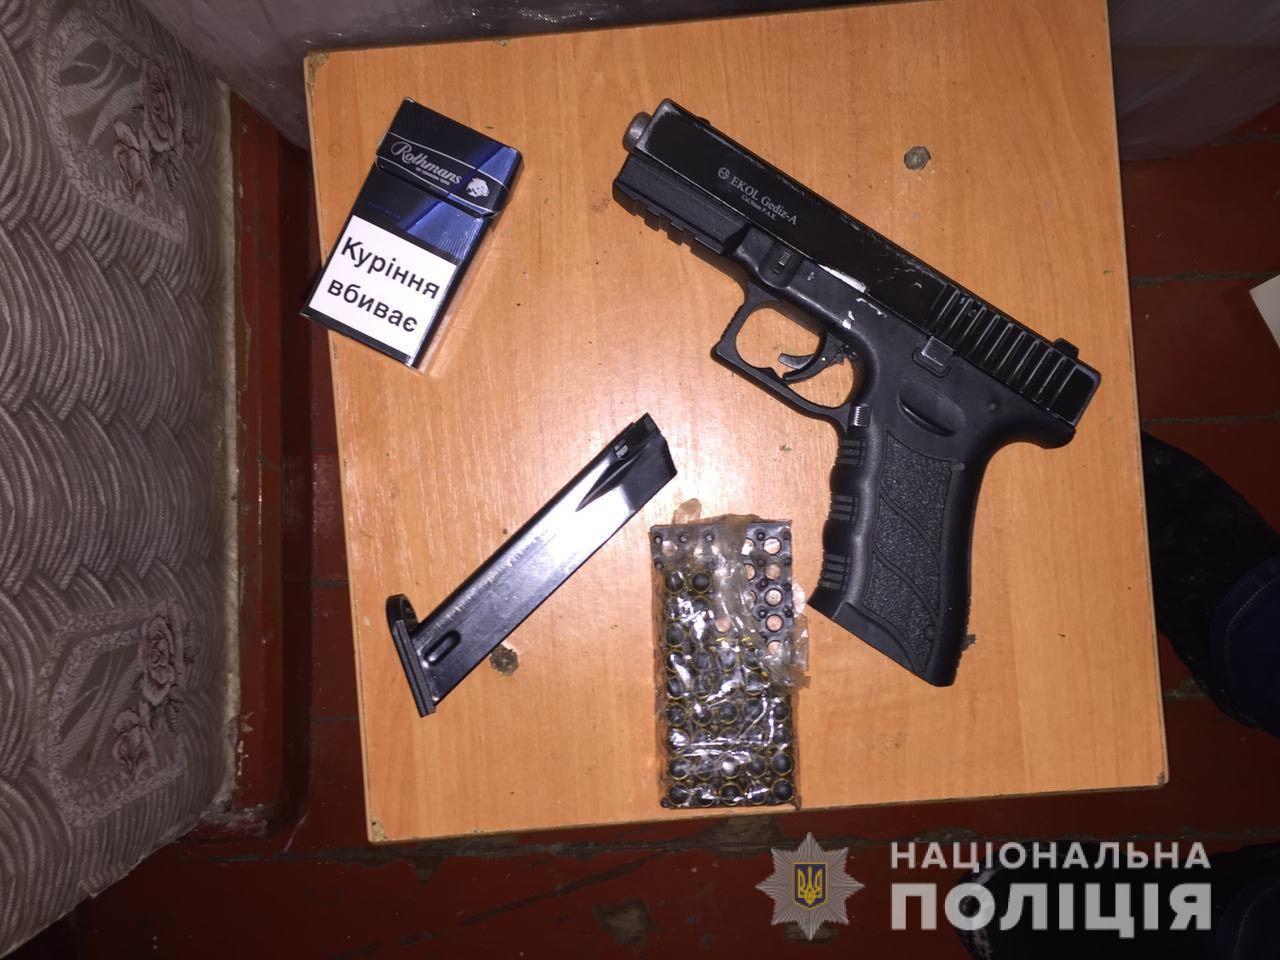 Почти 10 кг каннабиса изъяли полицейские Днепра у 34-летнего наркосбытчика